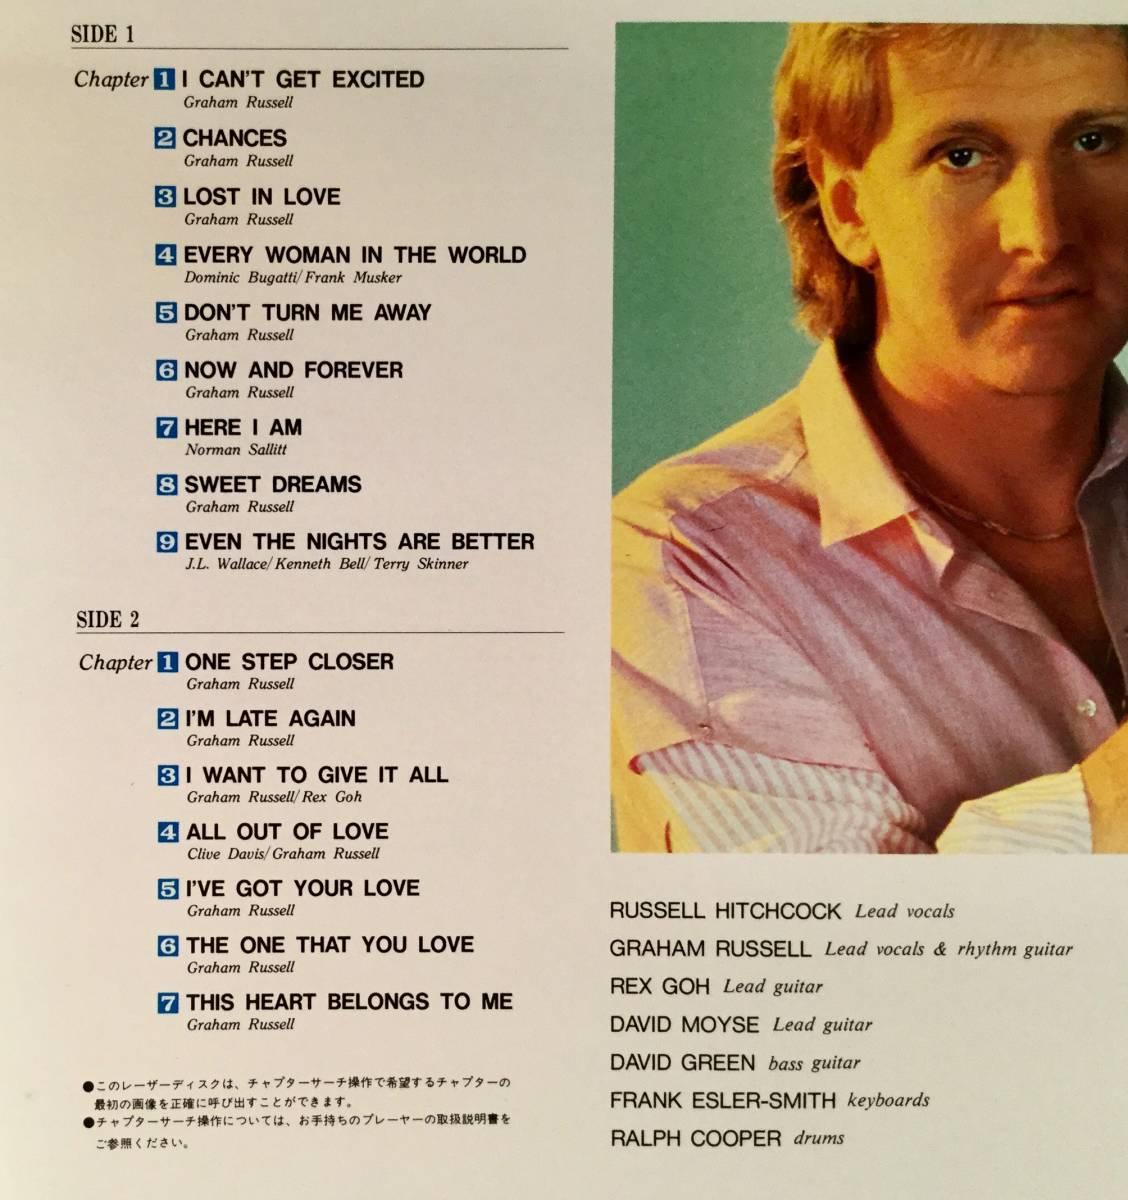 LD(レーザー)■エア・サプライ/イン・ハワイ~1982年コンサート■美品!_画像3